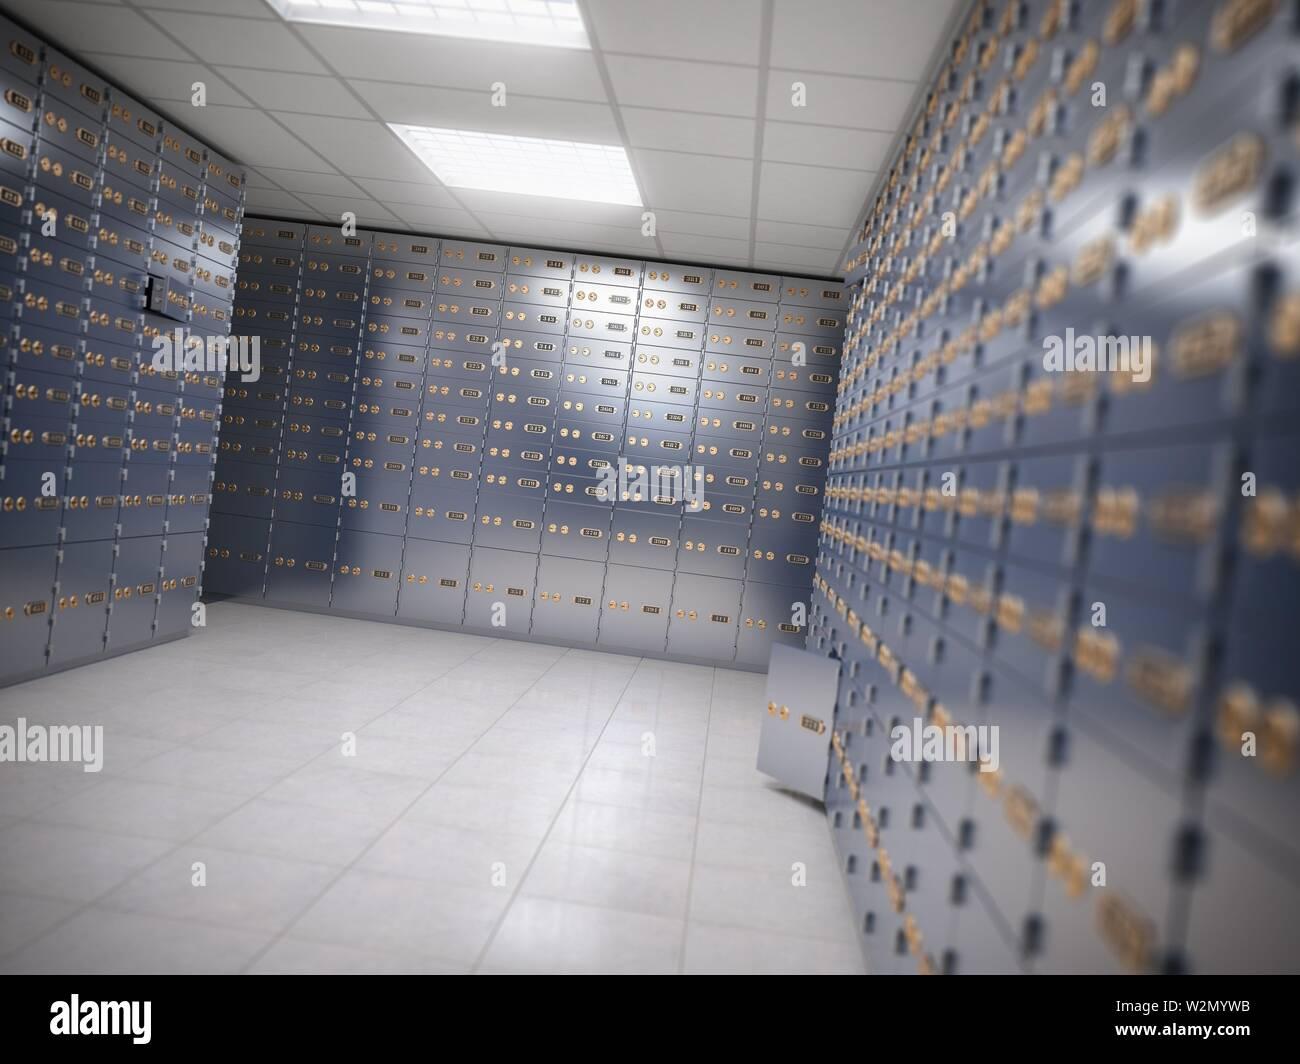 Safe deposit boxes room inside of a bank vault. 3d illustration. - Stock Image